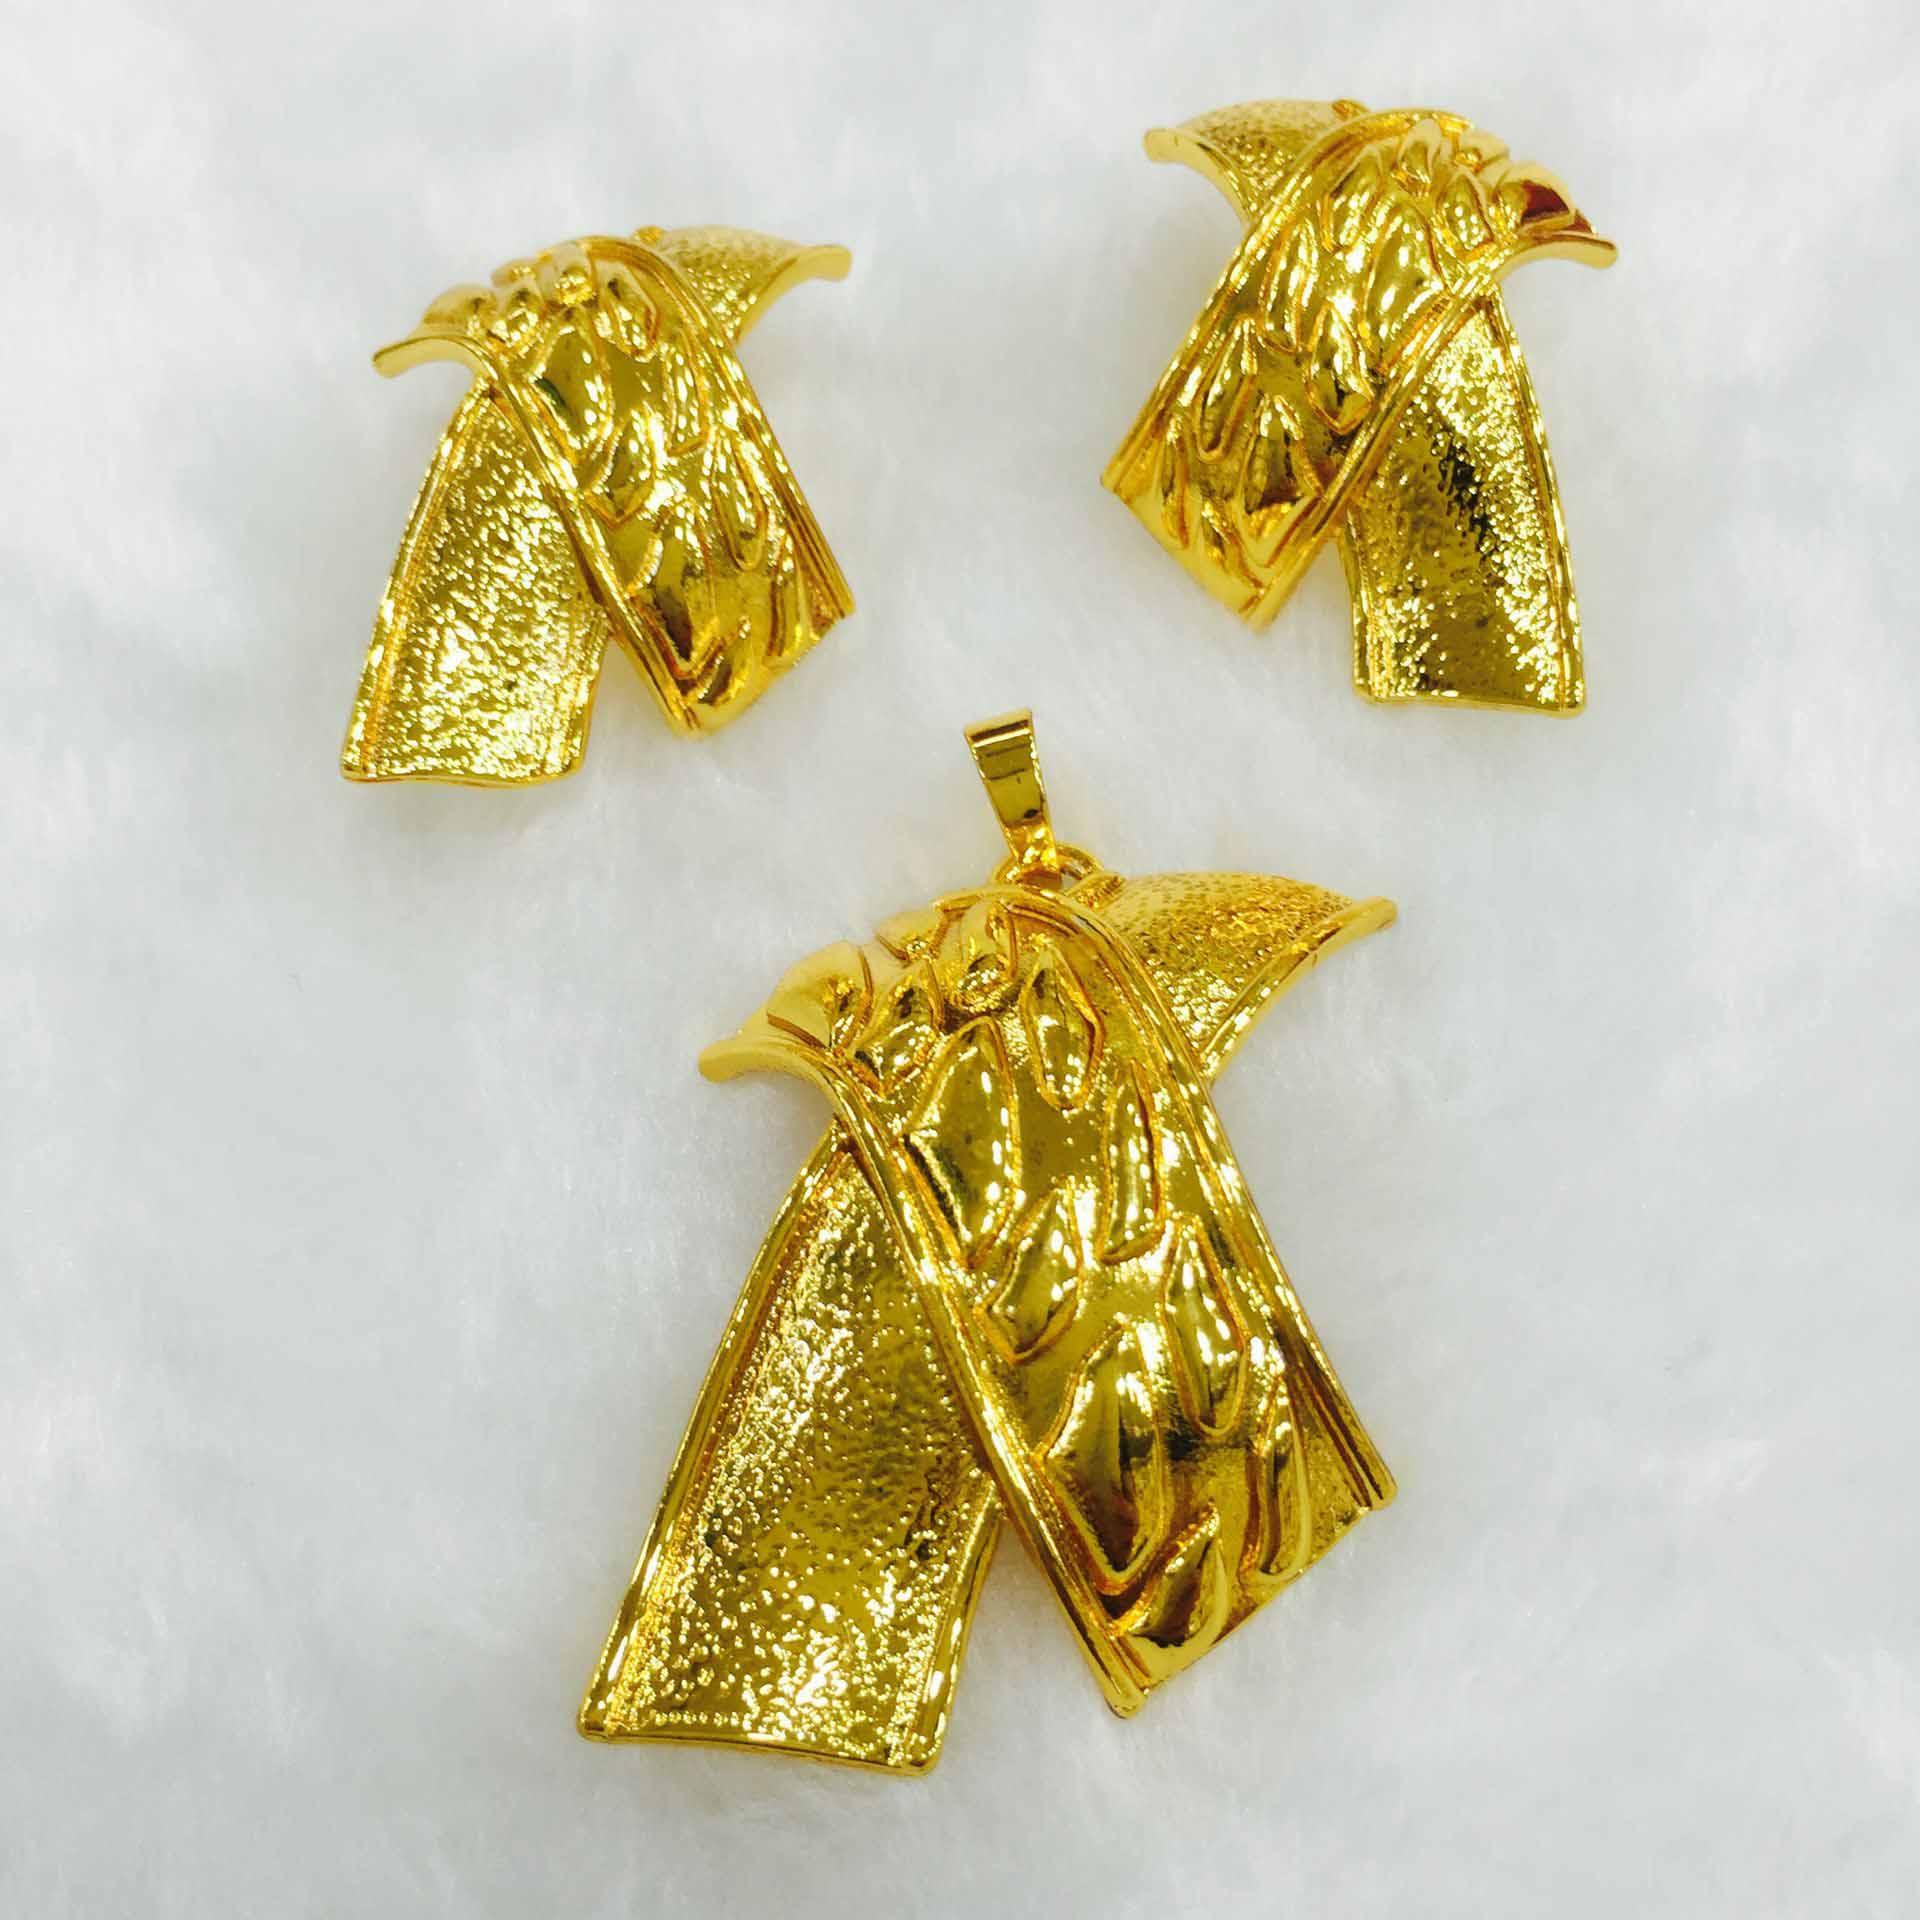 Yulaili 2019 mode grand arc pendentifs collier boucles d'oreilles Vintage femmes Dubai or Bijoux ensembles enterrement de vie de garçon cadeau Bijoux africains